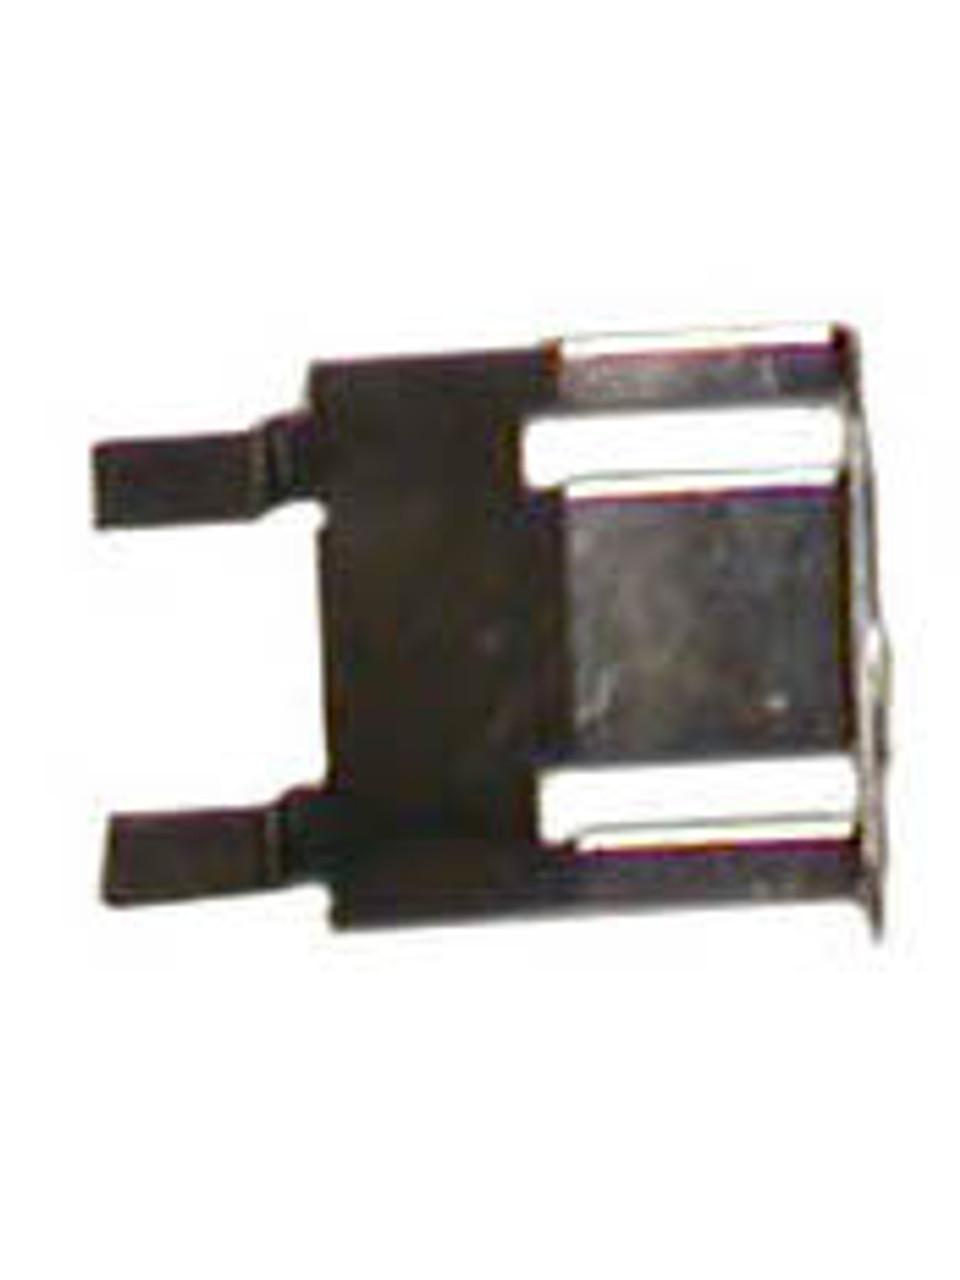 46-133 --- Adjuster Clip for Barrel End of Adjuster for Dexter Electric Brakes